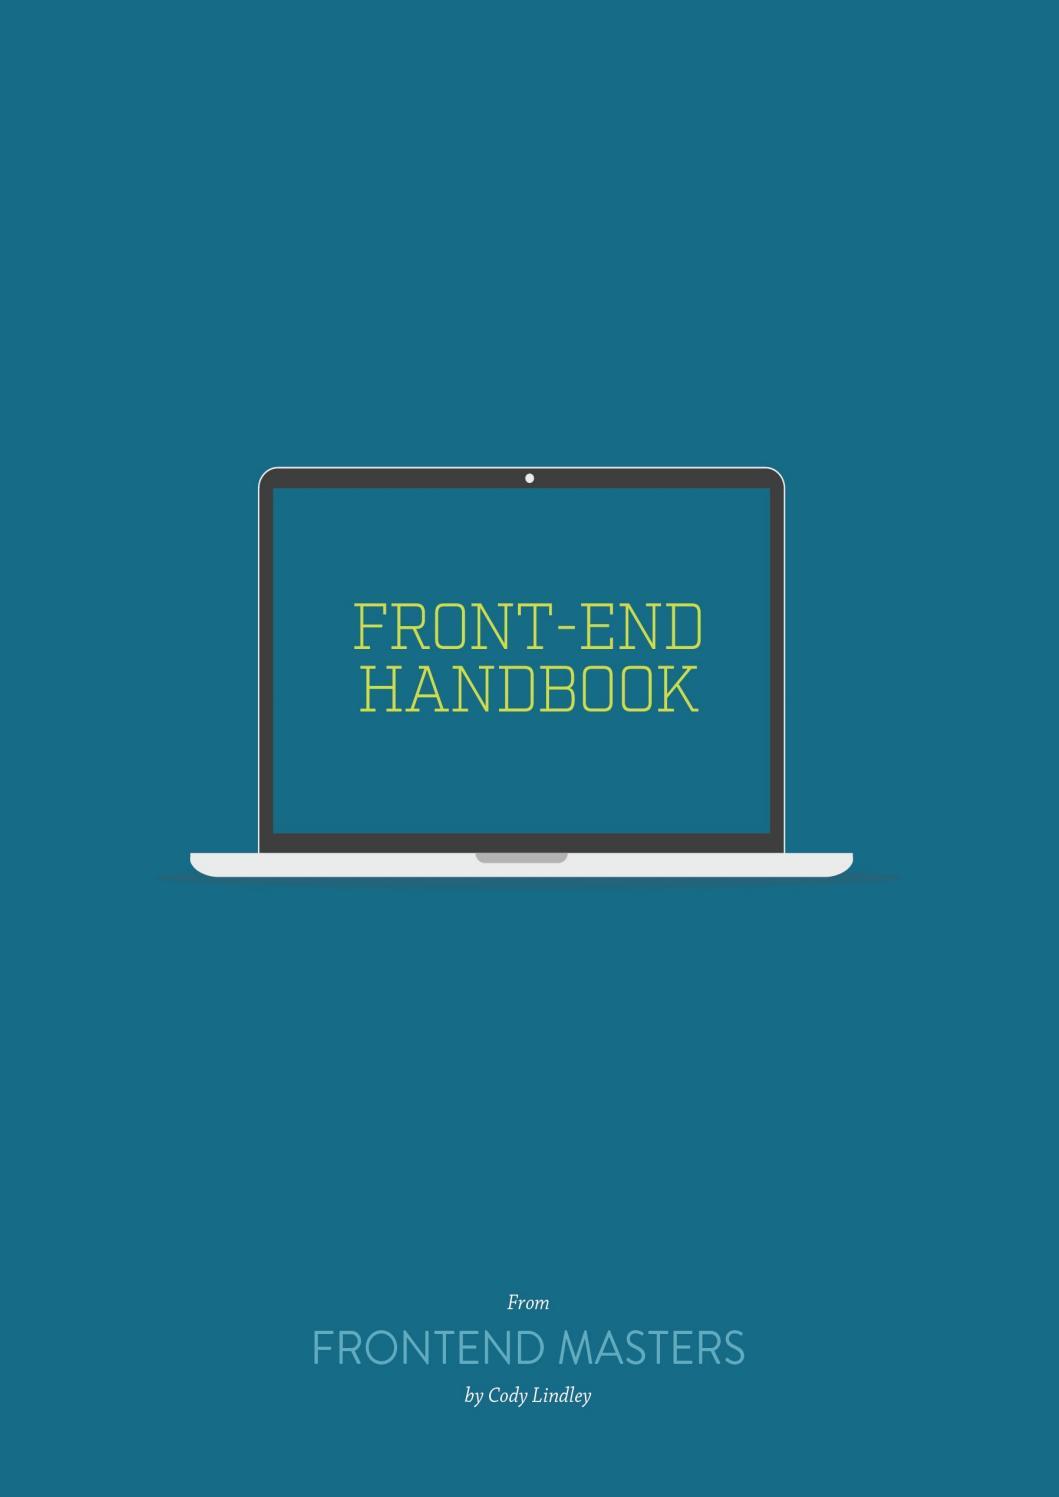 Front end handbook by designerashish - issuu